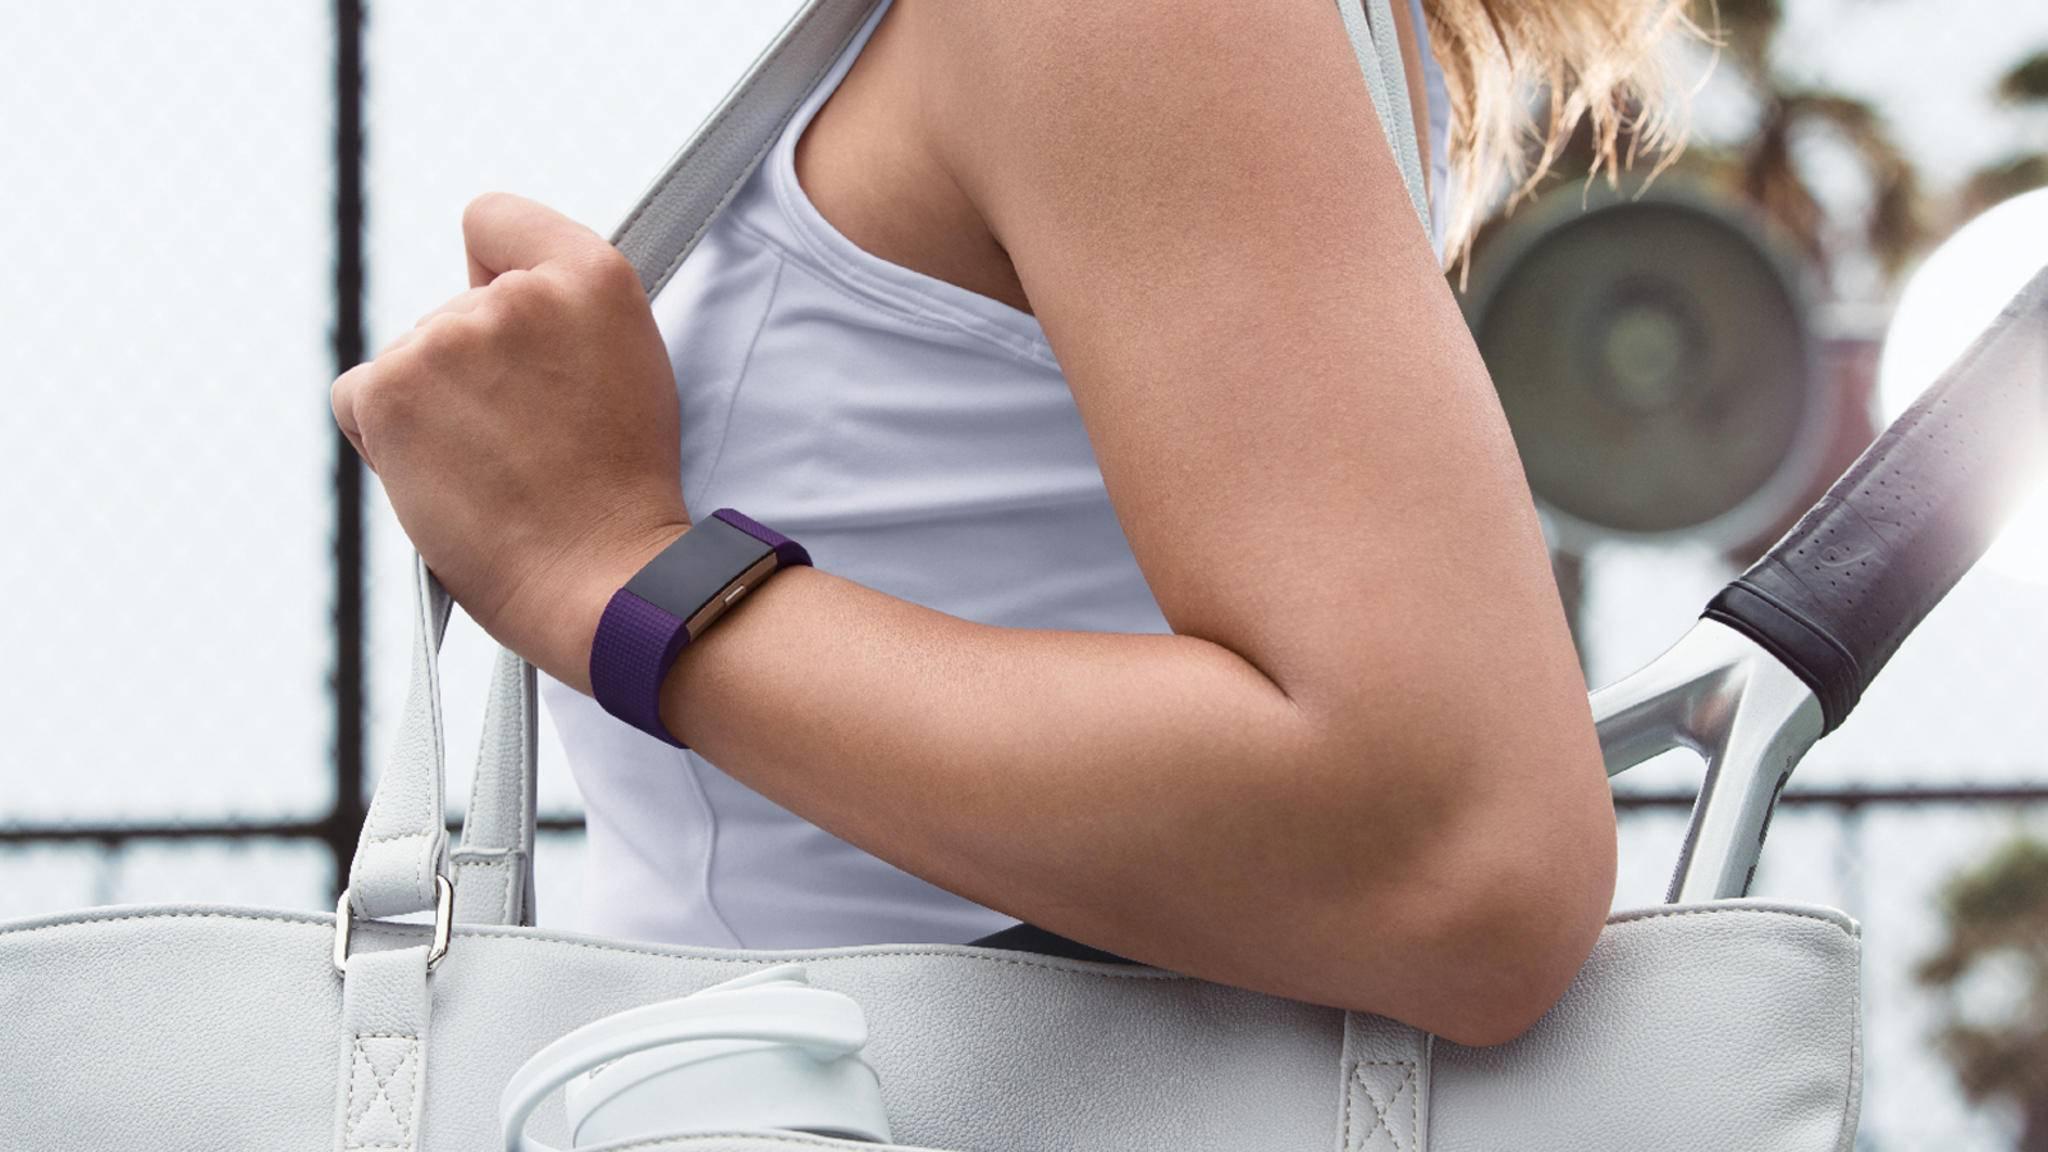 Fitness-Tracker und Co. sammeln mehr Daten als einem vielleicht bewusst ist.